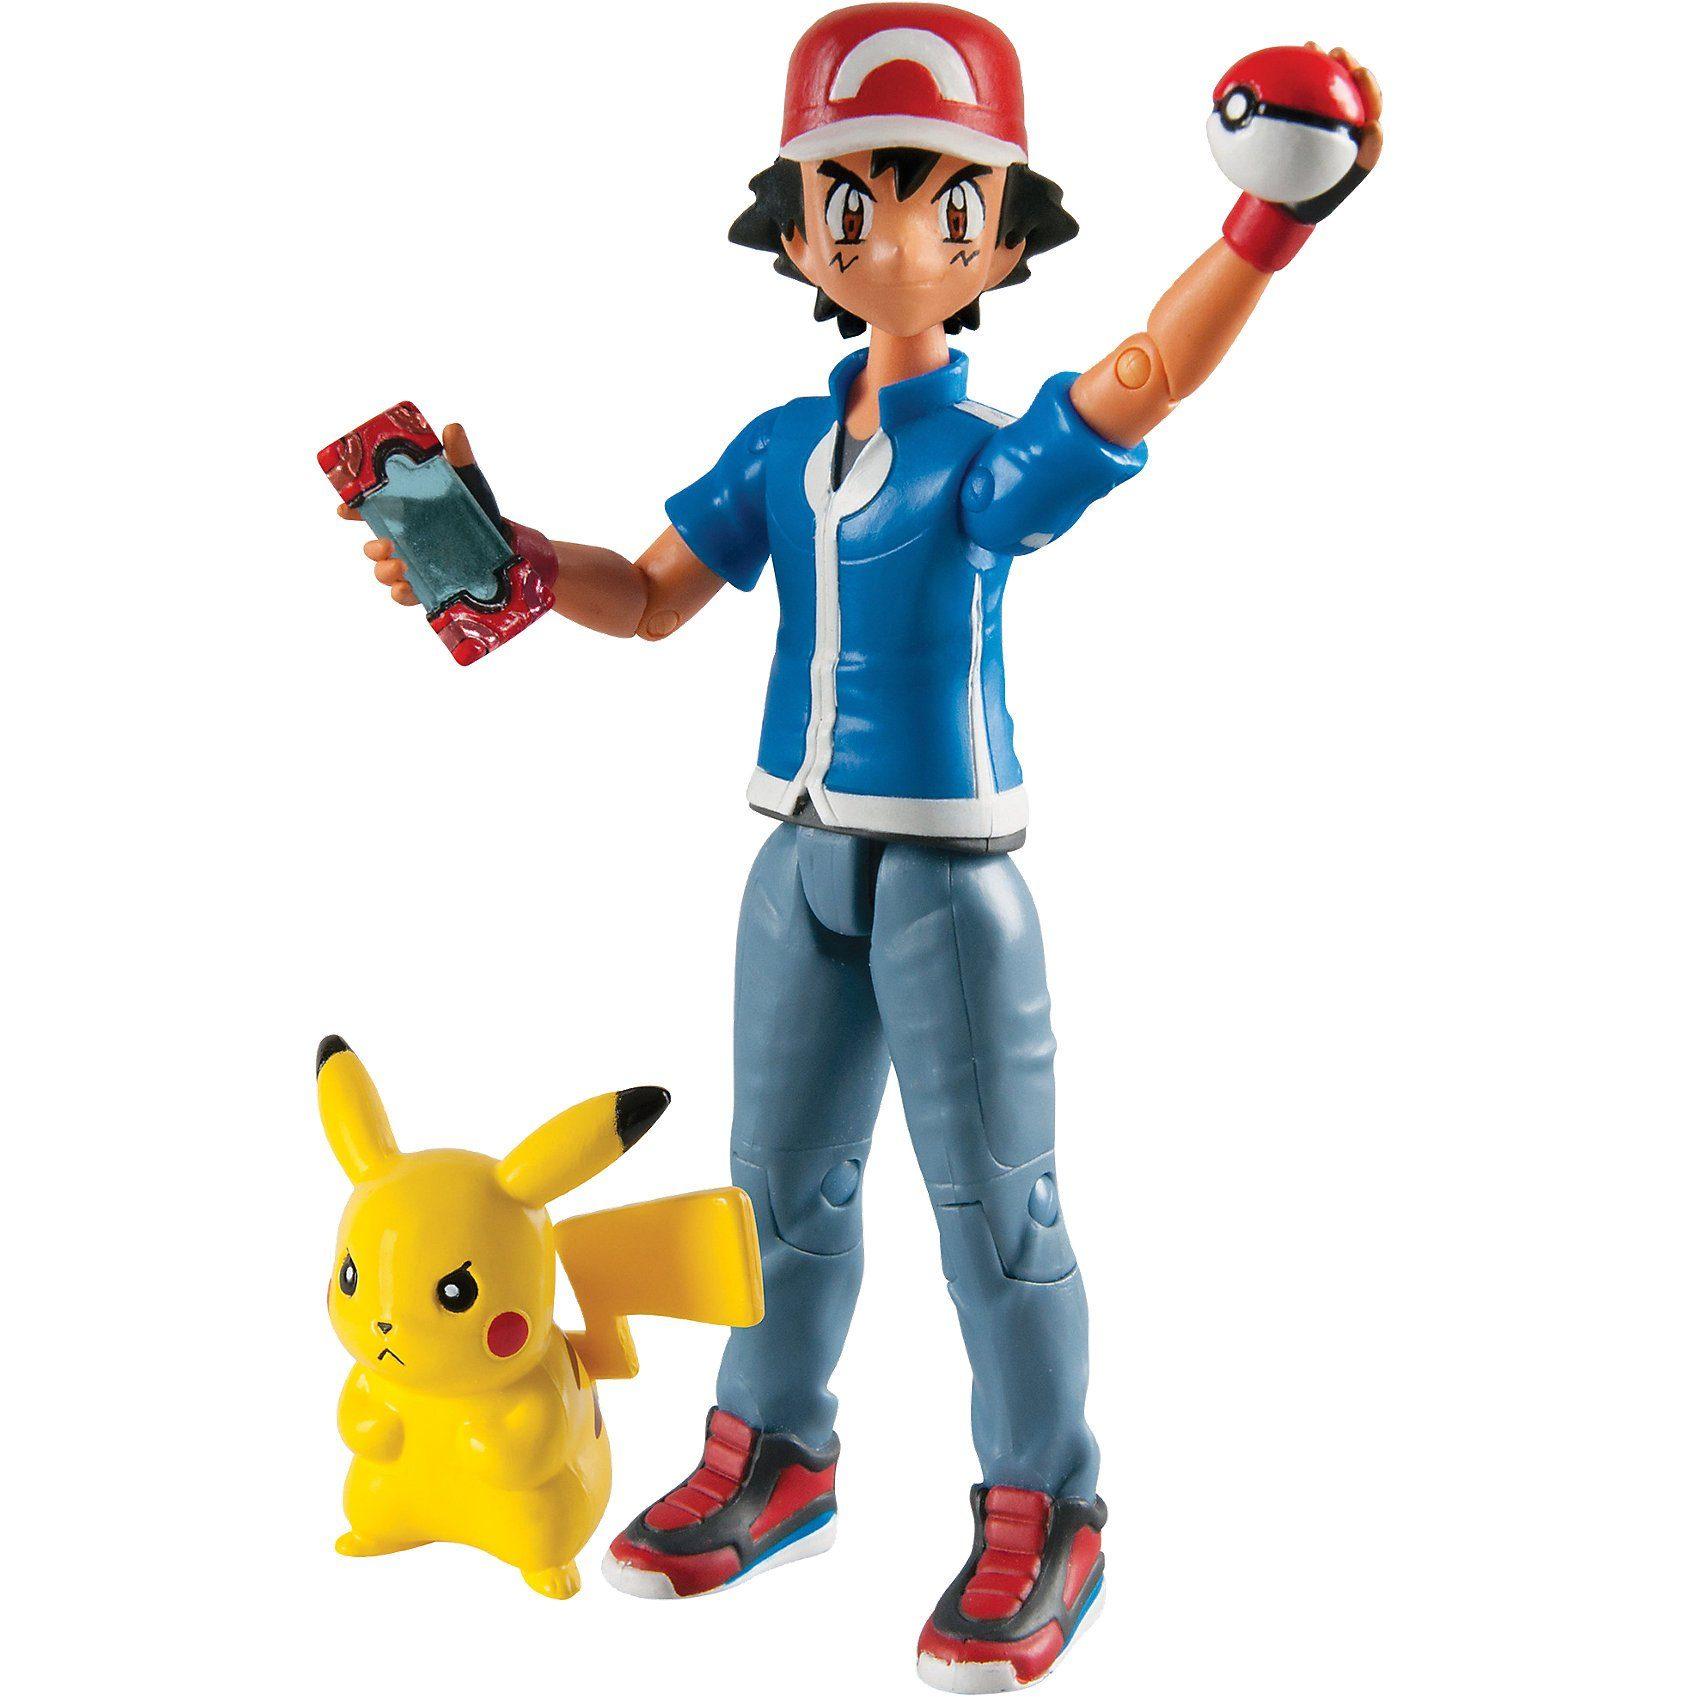 TOMY Pokémon - Ash und Pikachu Actionfigur